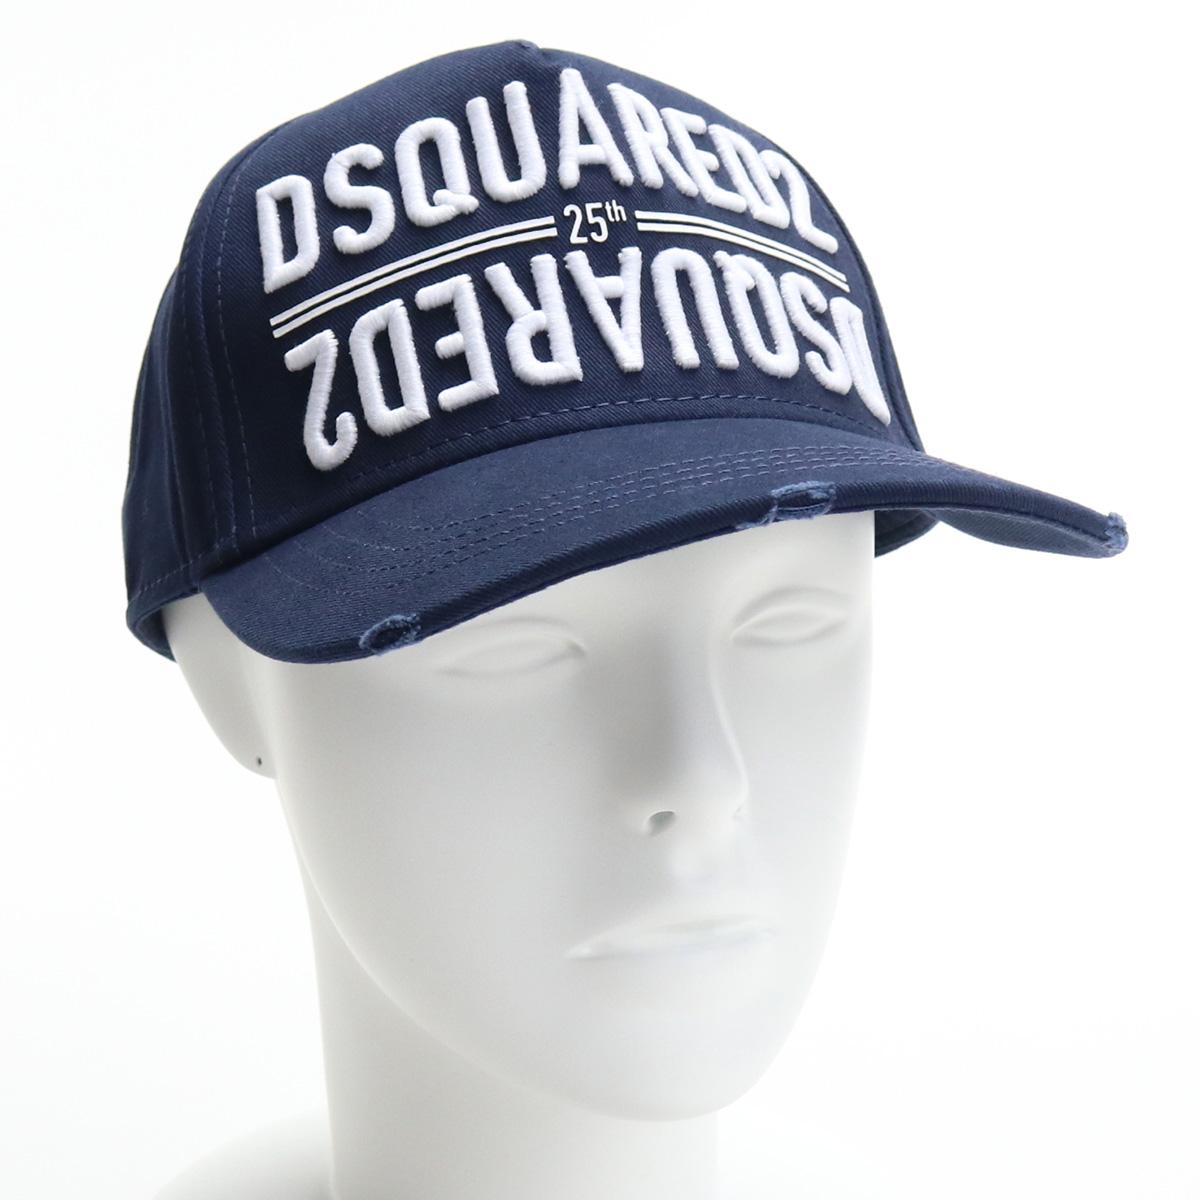 再再販 ※ 送料無料 ラッピング無料 41%OFF ブランド公式サイト掲載価格25 300円 ディースクエアード DSQUARED2 メンズ-ロゴ 3073 帽子類 ネイビー系 メンズ 05C00001 BCM0340 公式ショップ bos-17 cap-01 キャップ